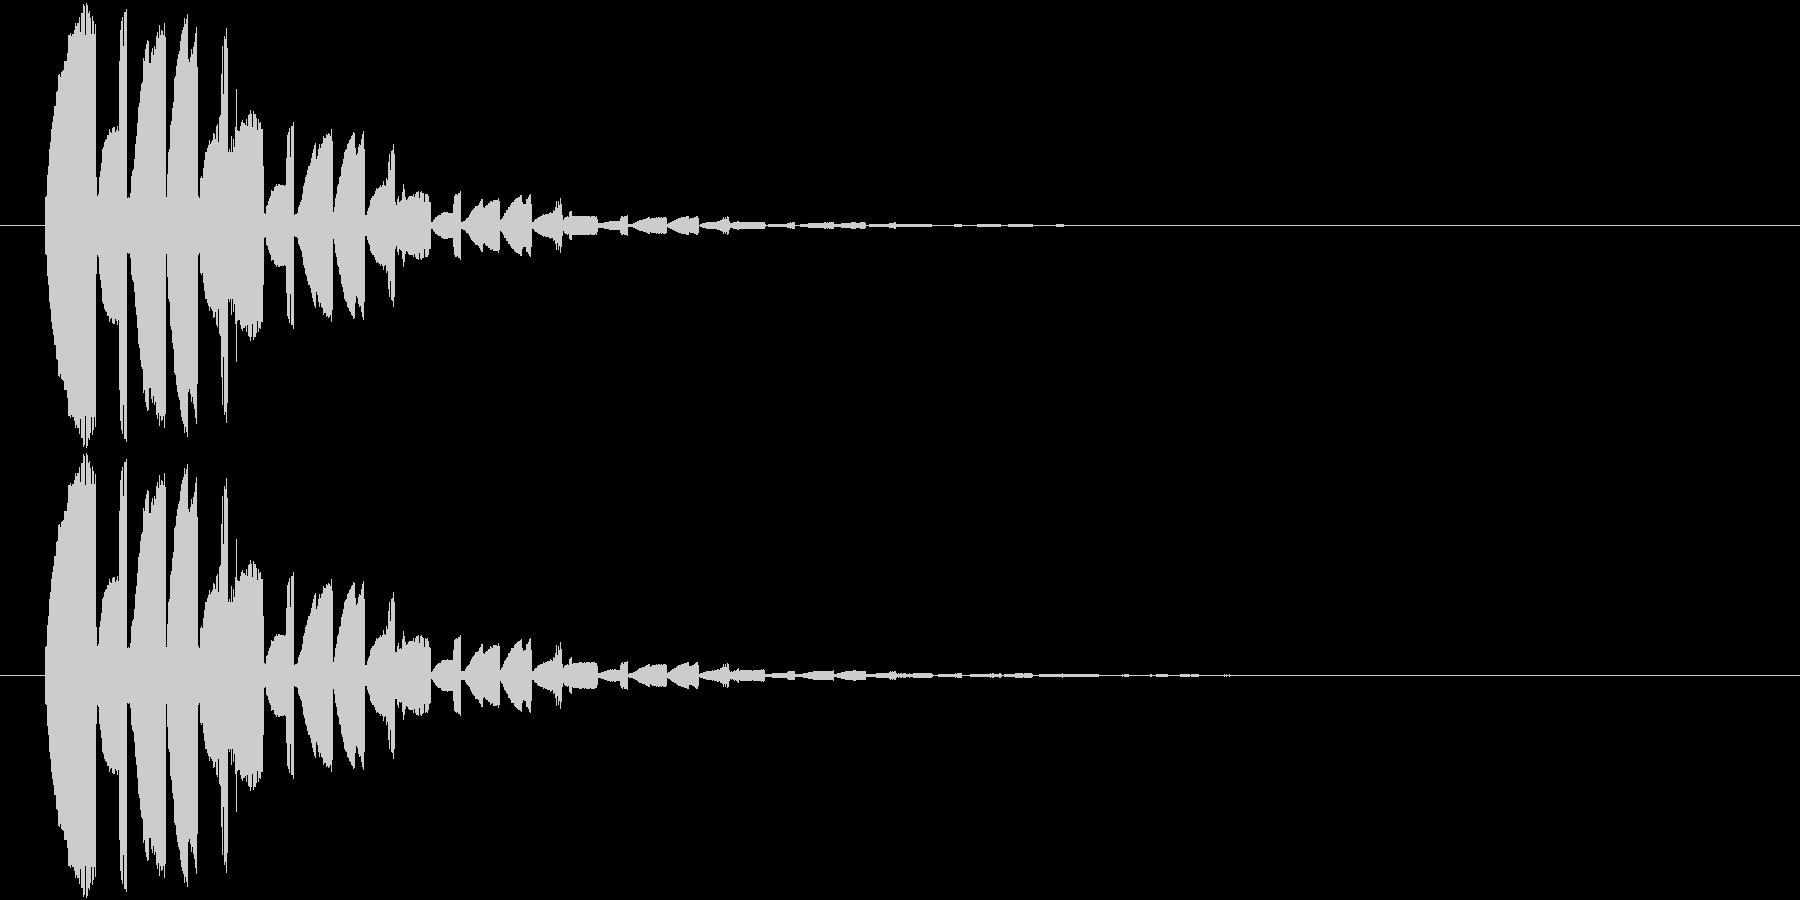 魔法発動時の音の未再生の波形